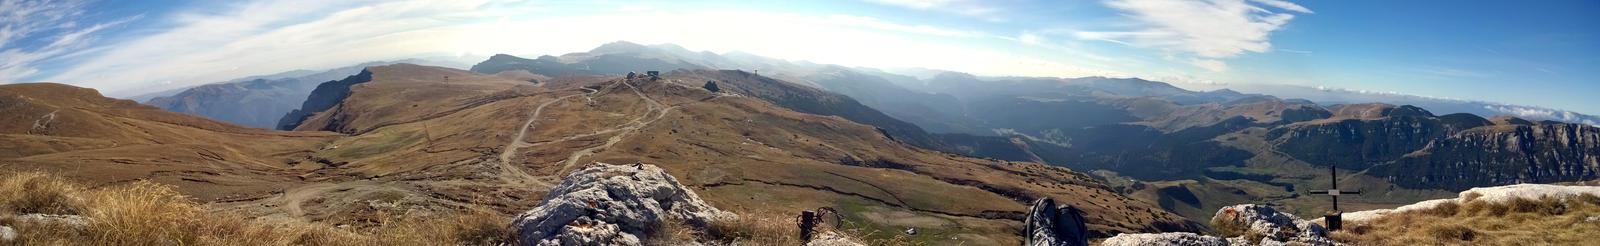 Bucegi Mountains Panorama 2 by Sarahorsomeone